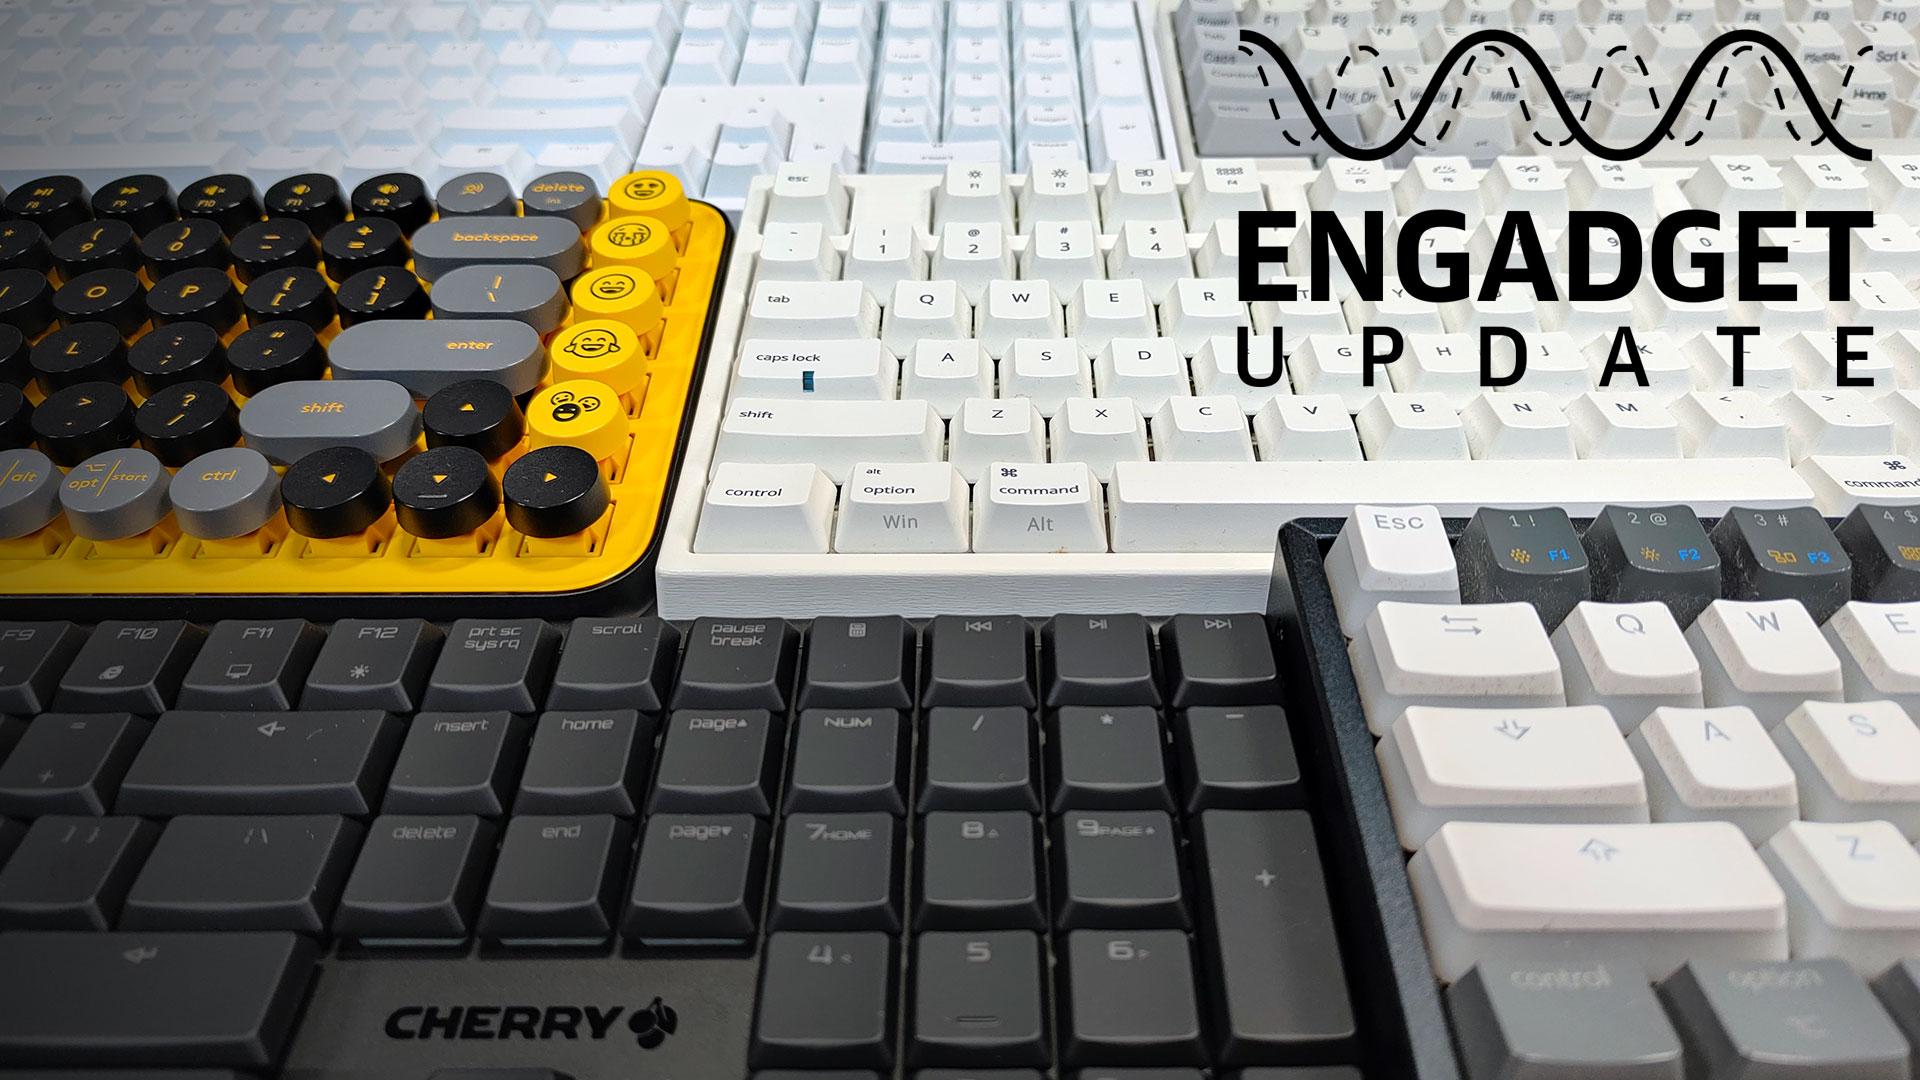 鍵盤是一眾打工仔、學生都會時常用到的工具,對於我們編輯來說更是直接影響工作效率,所以挑的時候都有不同要求。今天的 Engadget Update 就一口氣跟大家開盒六款風格、特色各異的機械鍵盤,而且更有盲測的部分,來跟大家分享一下如何選一個的鍵盤吧。